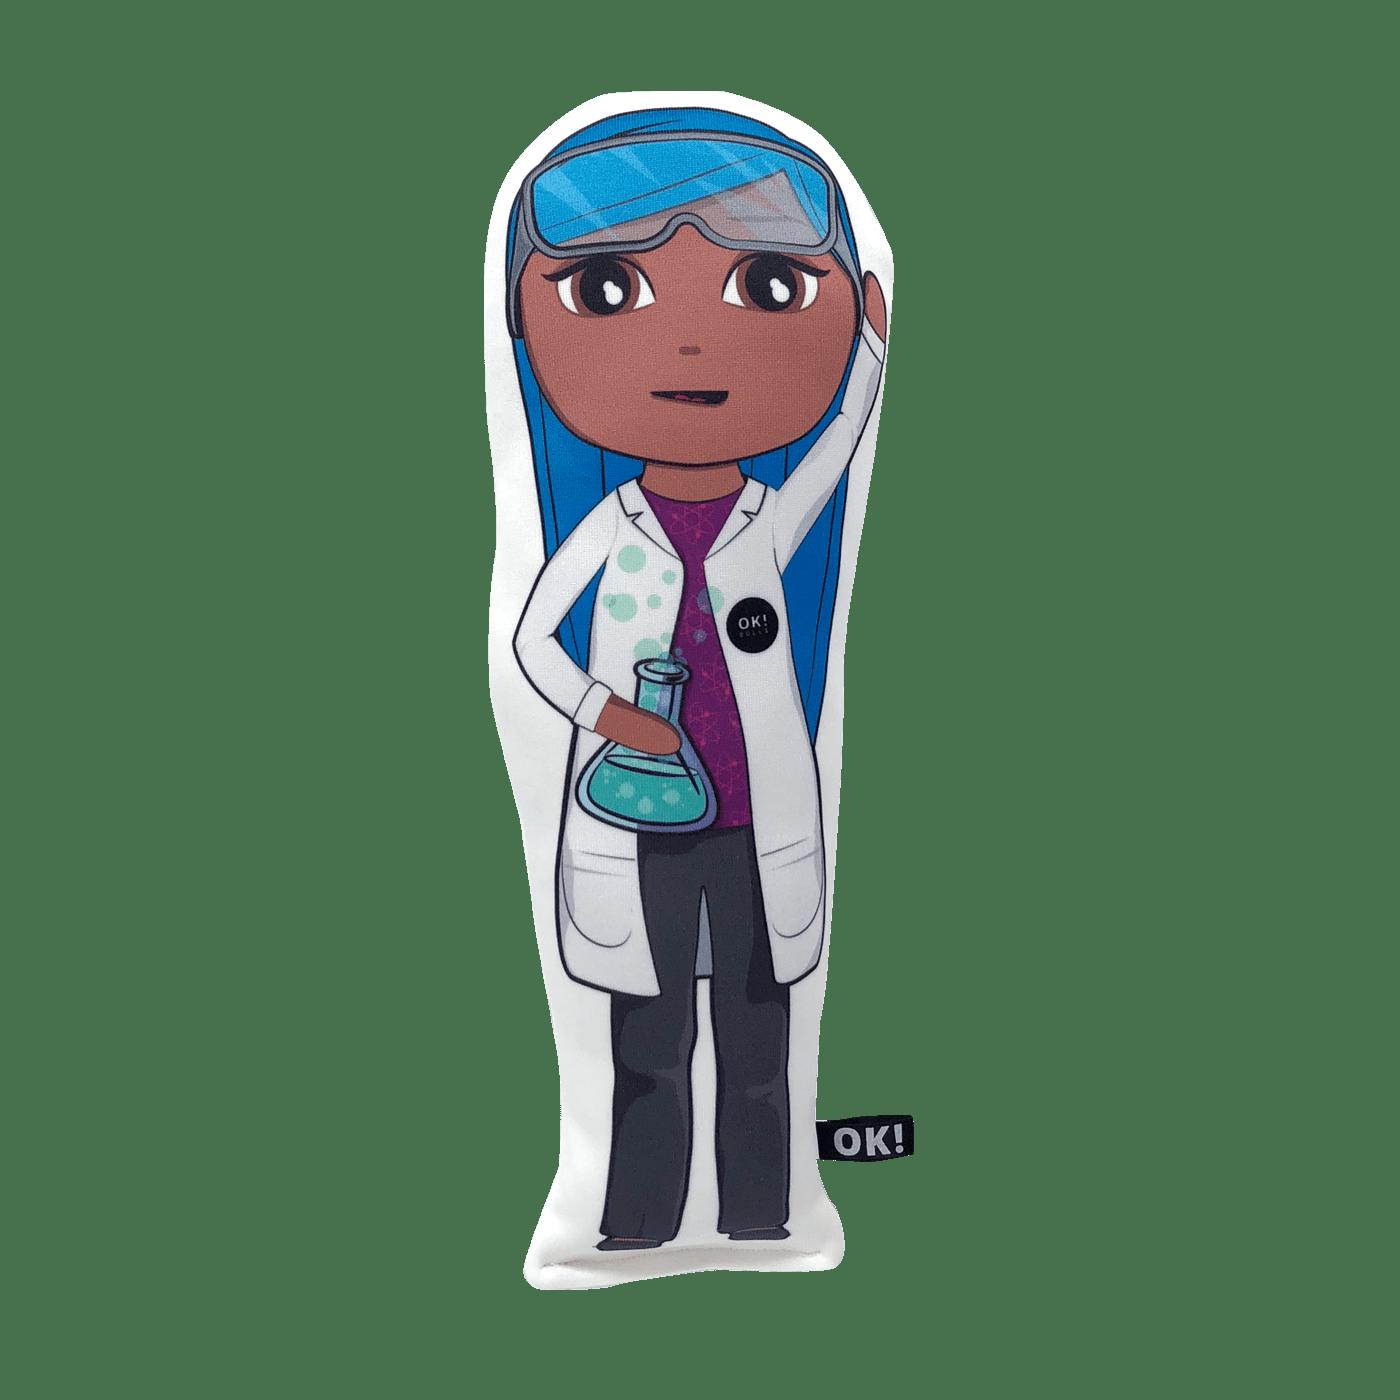 Bex Biochemist doll choc skin tone transparent